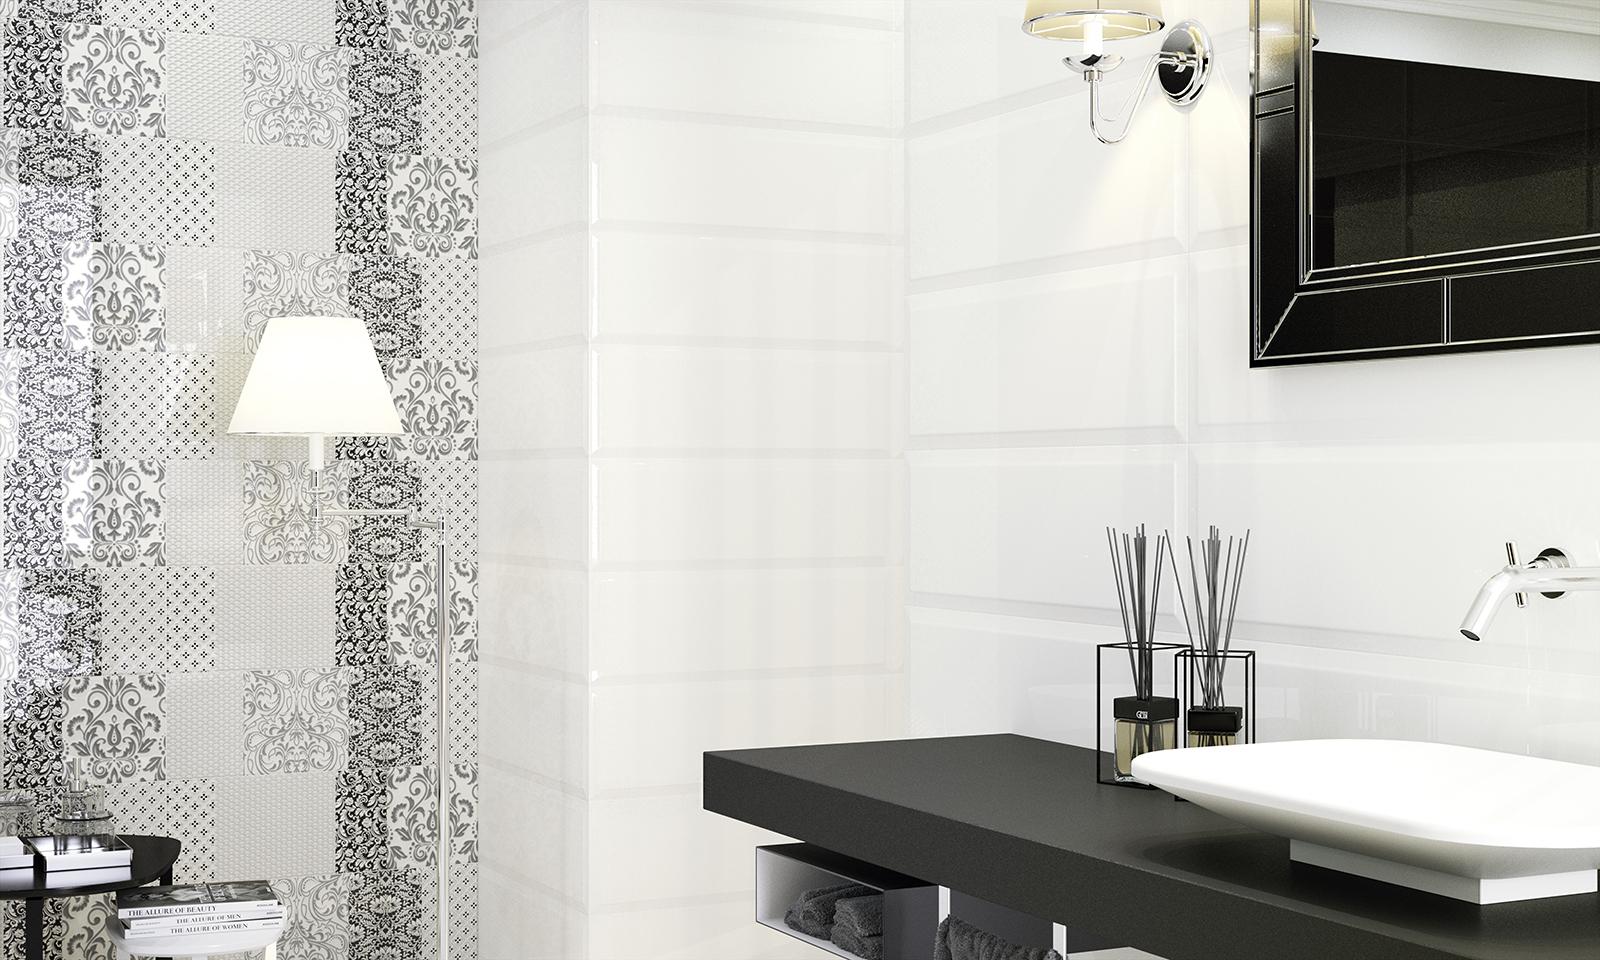 fliesen in der farbe wei unsere kollektionen marazzi. Black Bedroom Furniture Sets. Home Design Ideas